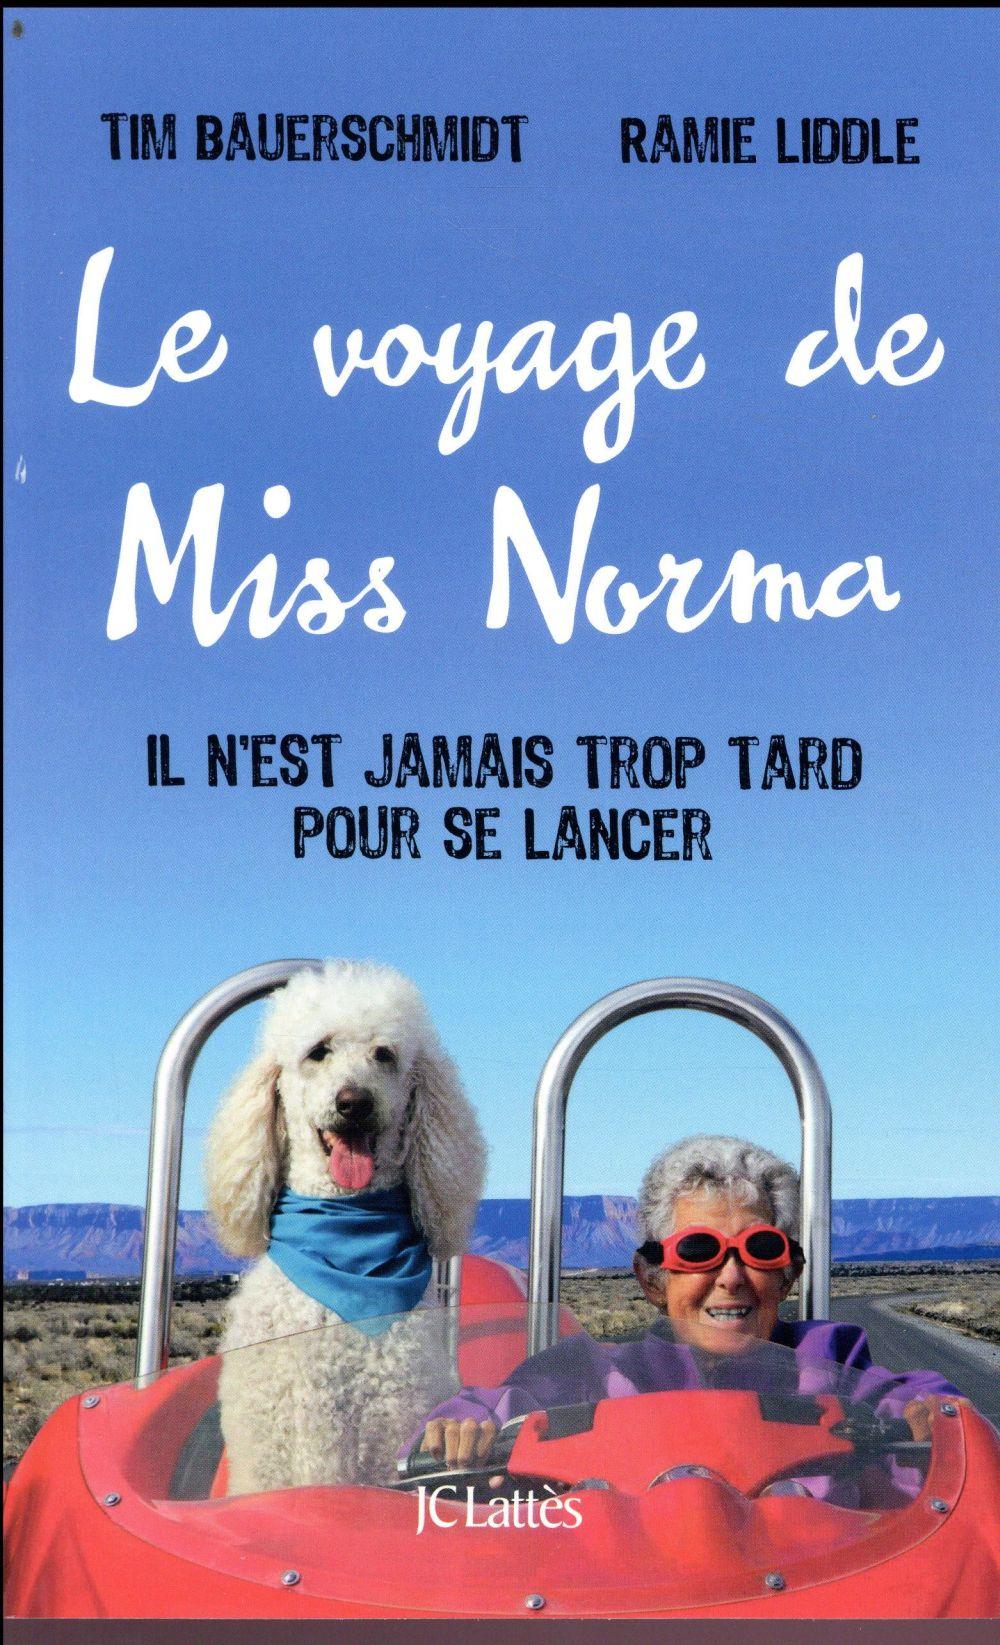 BAUERSCHMIDT TIMOTHY - LE VOYAGE DE MISS NORMA